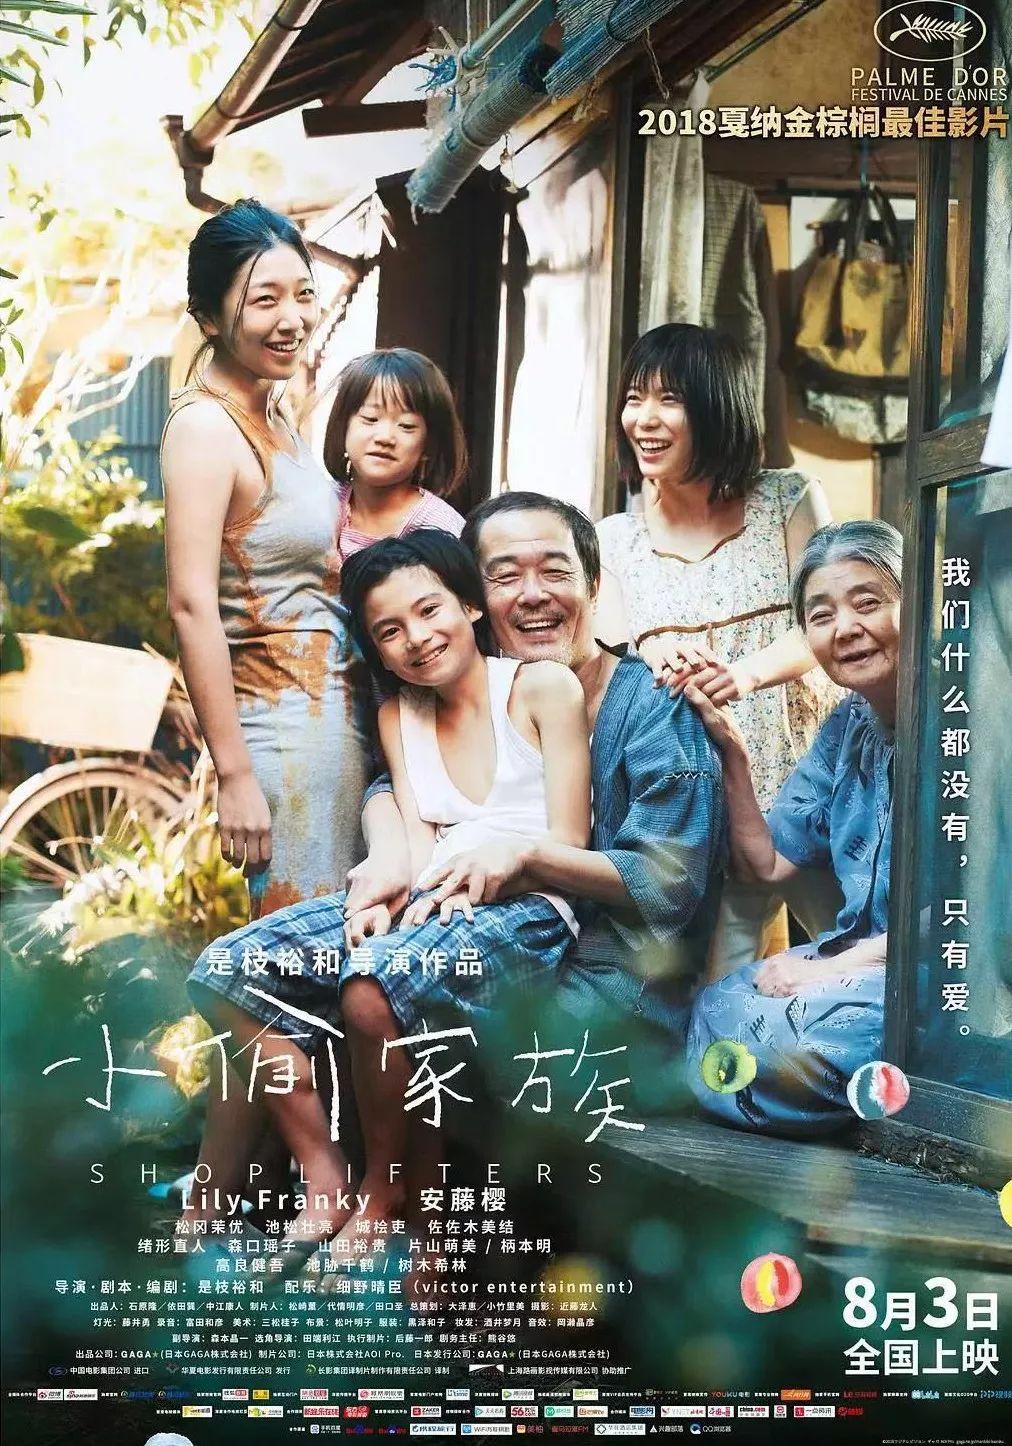 戛纳电影是枝裕和凭借这部假面,成为今年日本电影节的金棕榈奖,拿到今电影导演响鬼中国语版大骑士图片